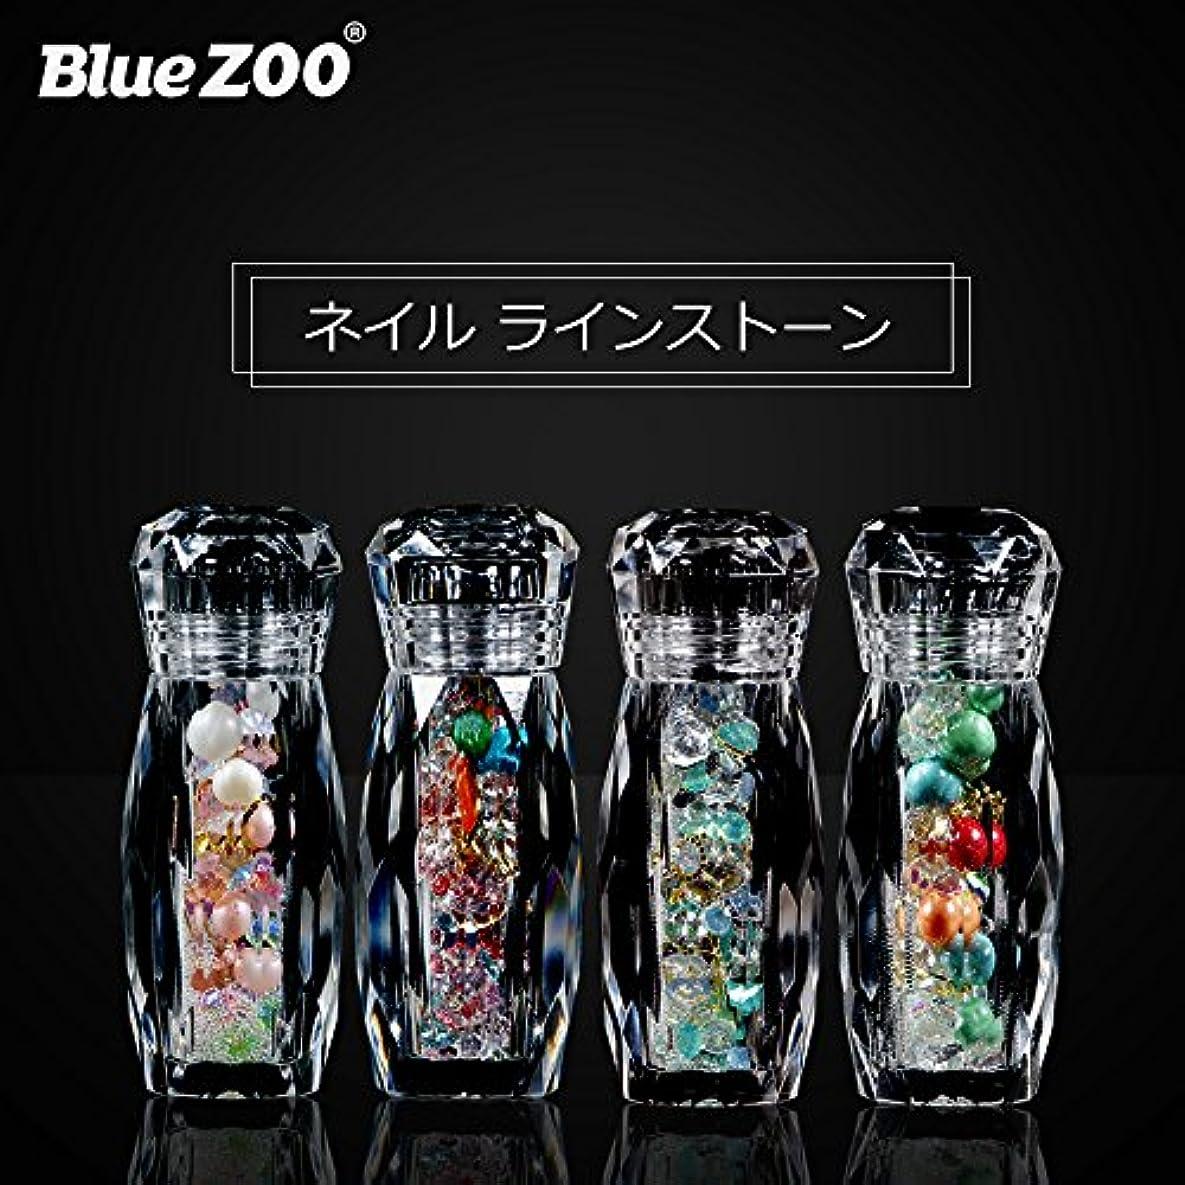 海藻目指す輝度BlueZOO (ブルーズー) クリスタルボトル 4種類 マルチサイズ ネイルアクセサリー + Vカットダイヤモンド + ジェムサークル + タイニービーズ ネイルパーツ